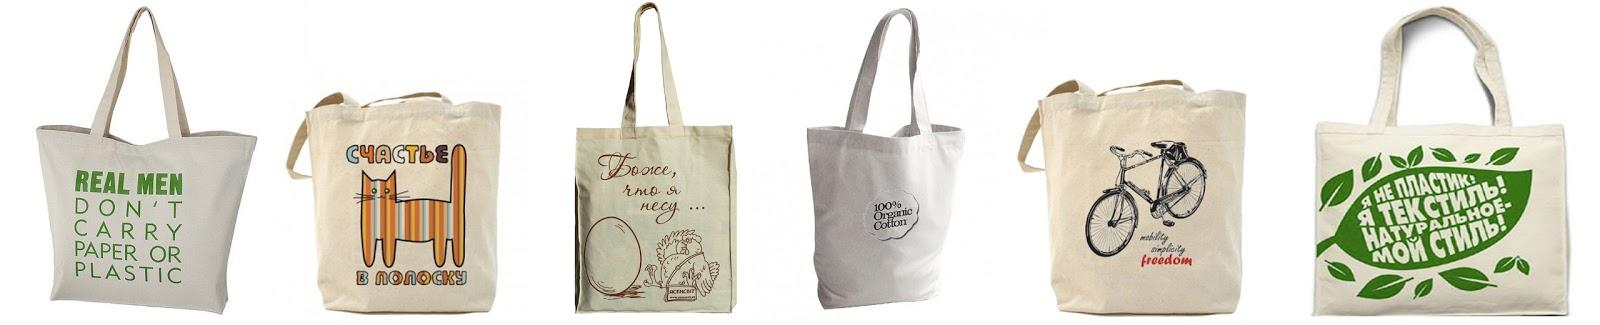 bdb7a77d0fef DIY: как сшить эко-сумку для продуктов своими руками (мастер-класс)